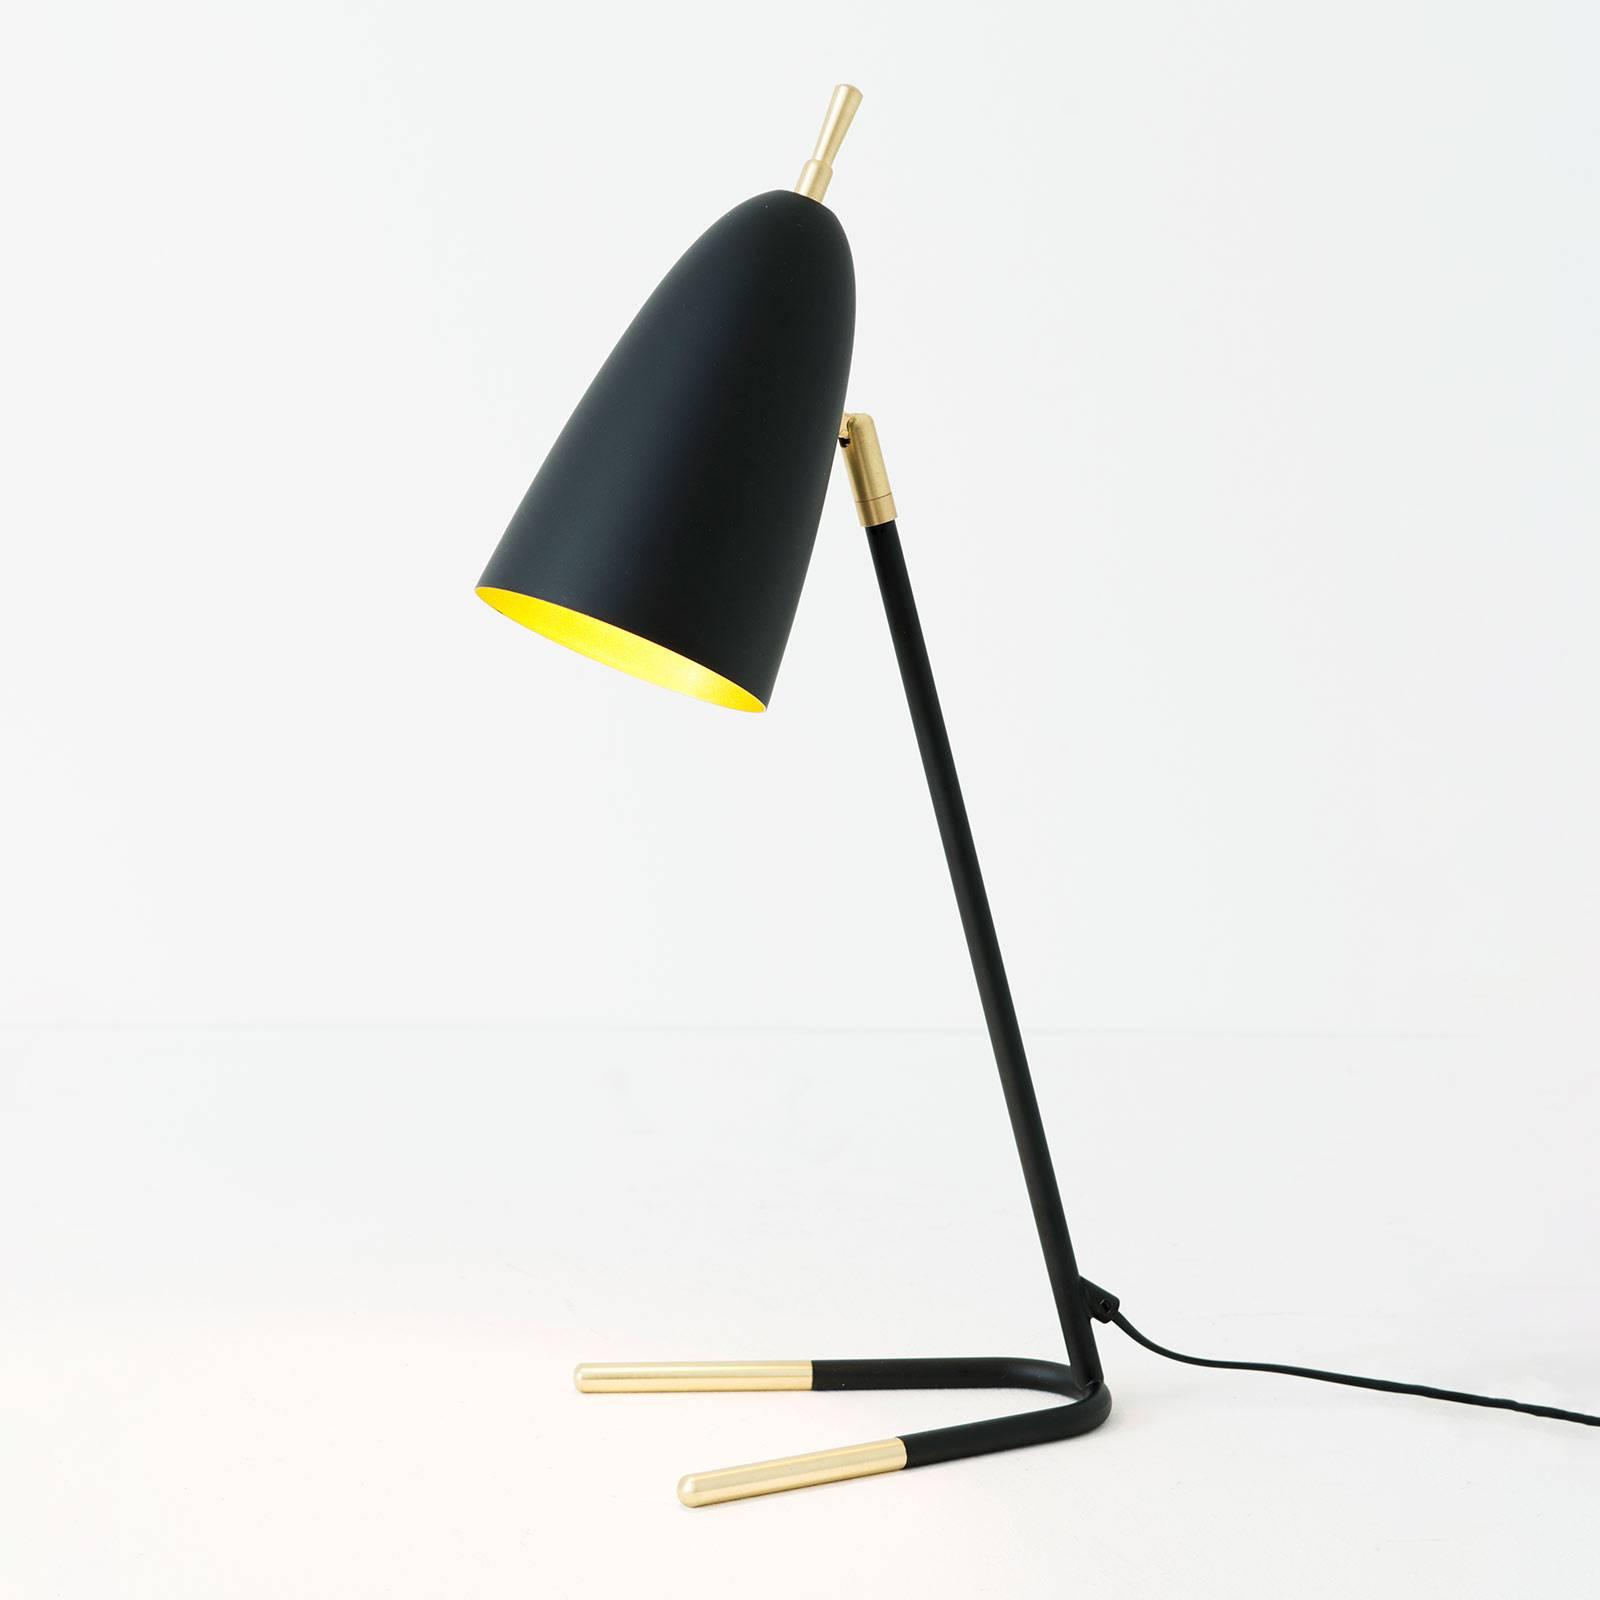 Tischleuchte Obelisco, kippbarer Schirm, schwarz